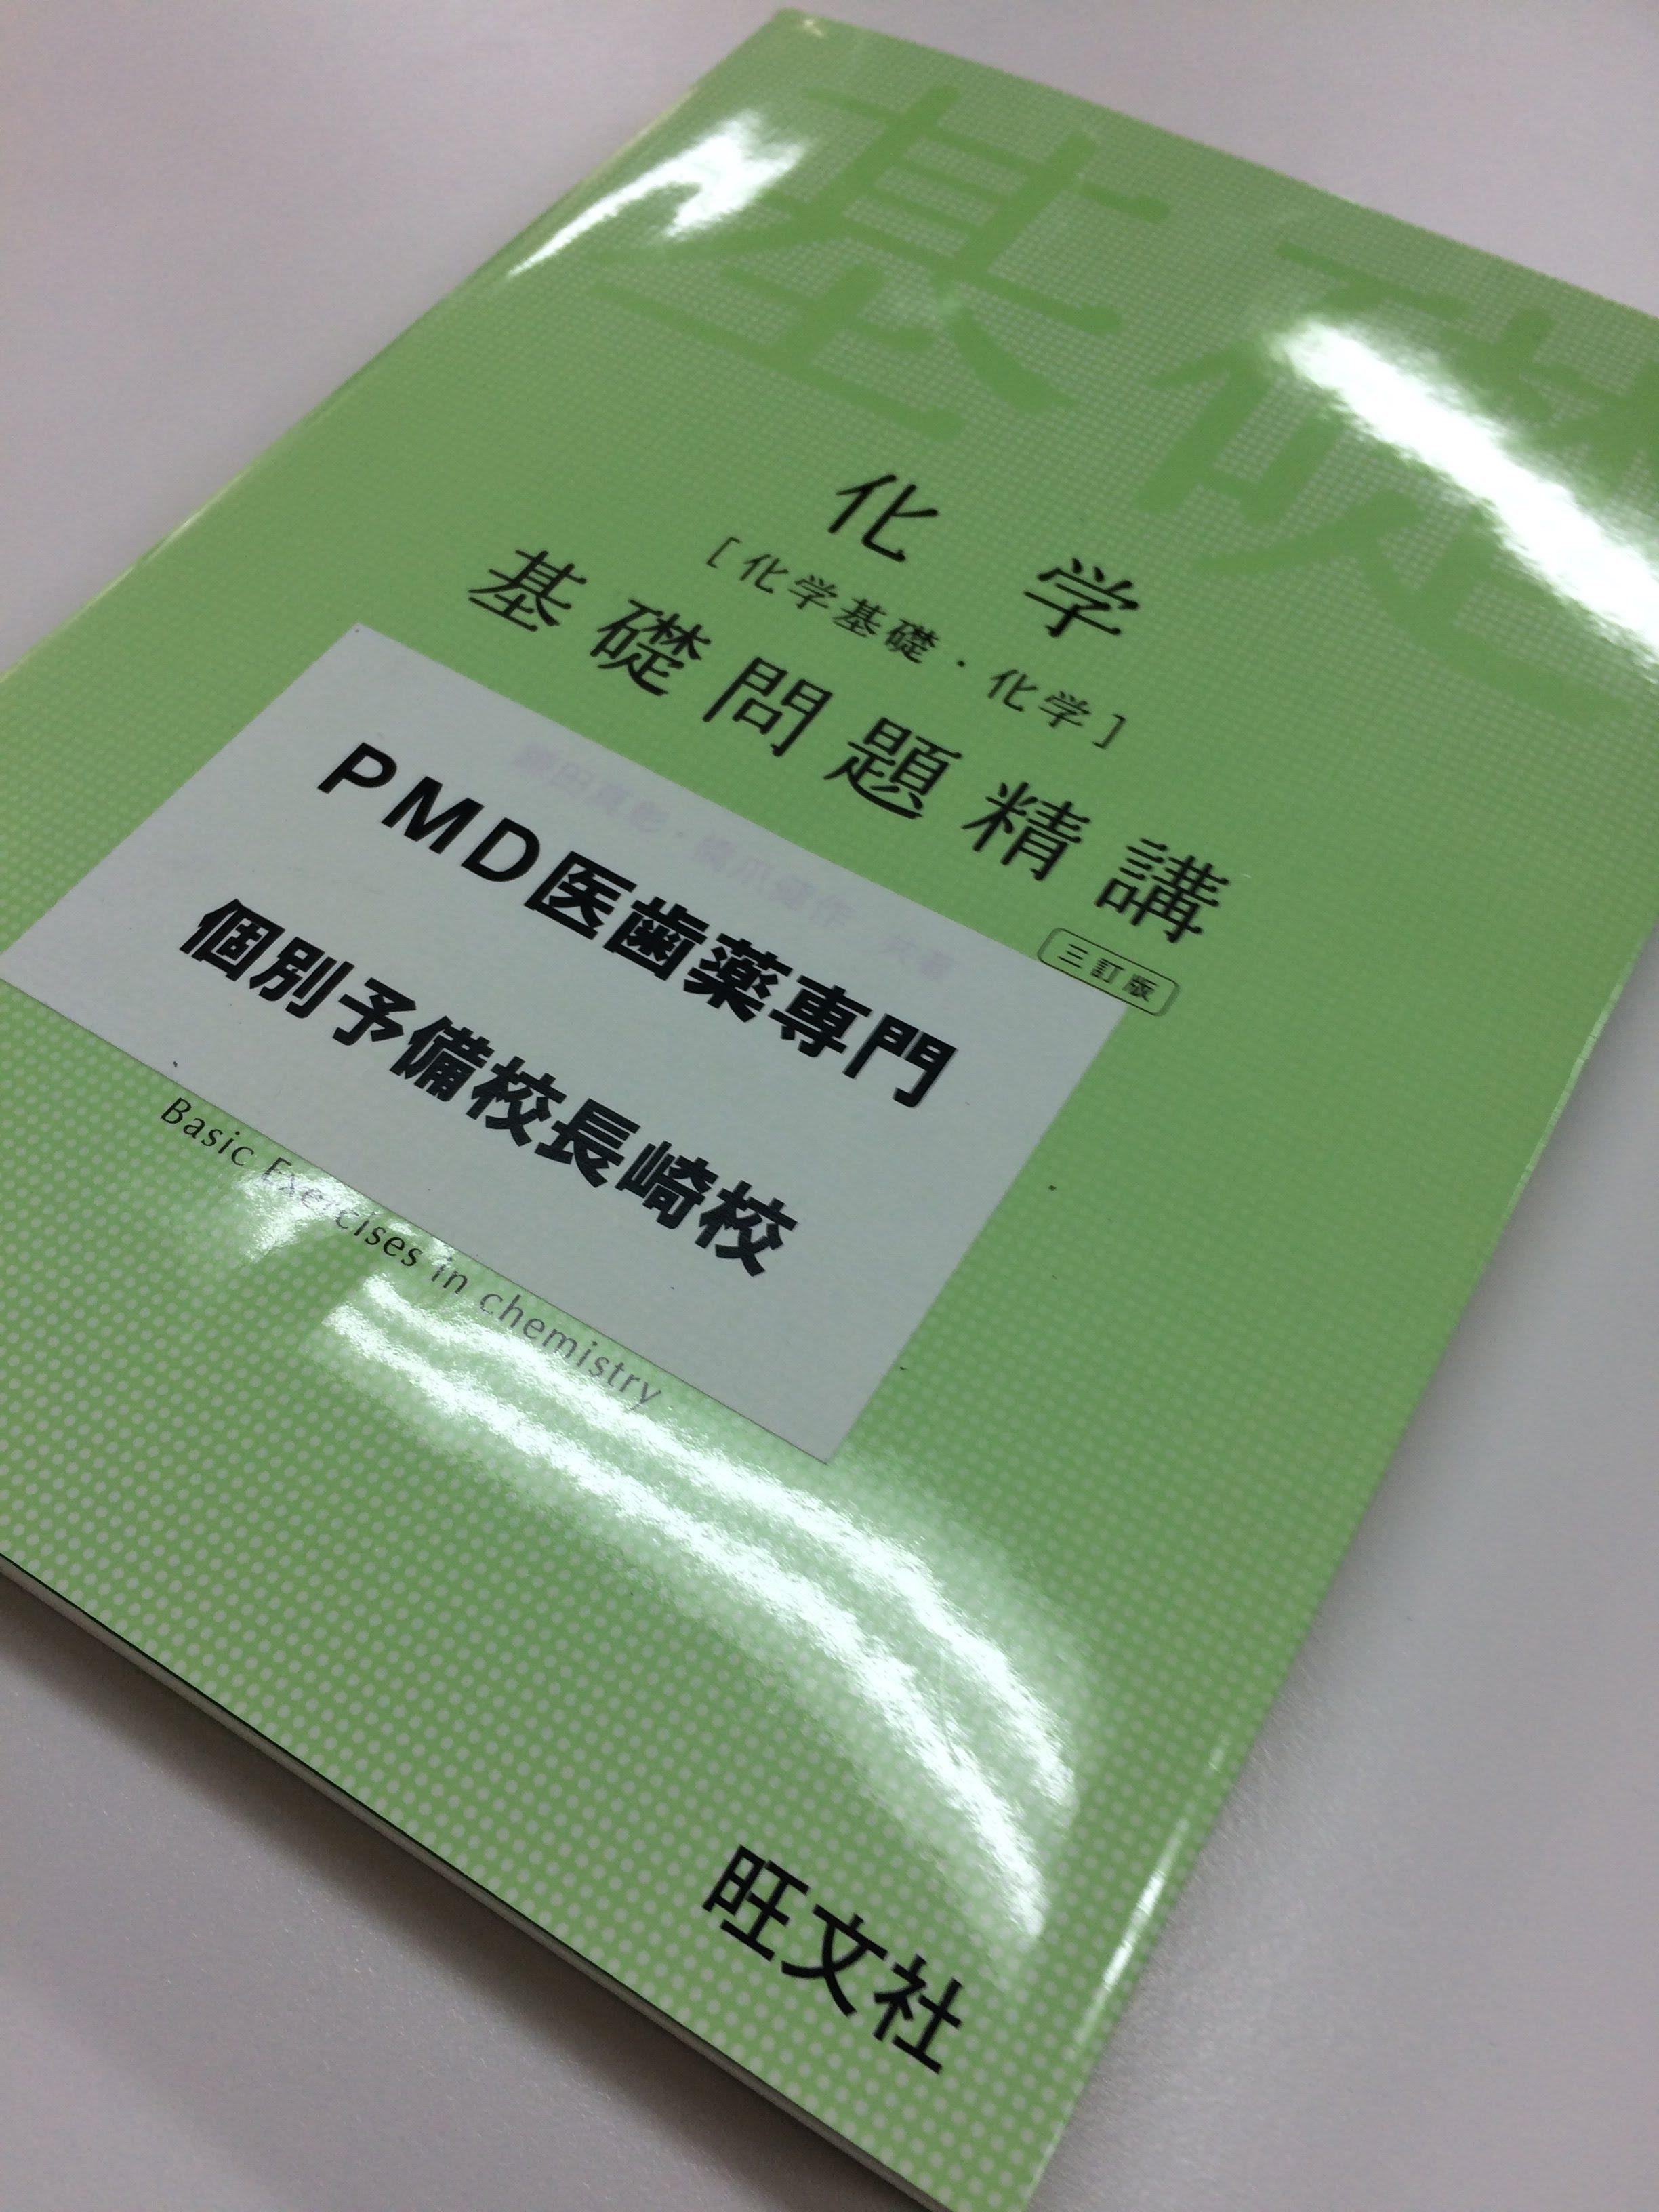 化学基礎問精講の勉強法(理論編)~2週間で理論をマスター~